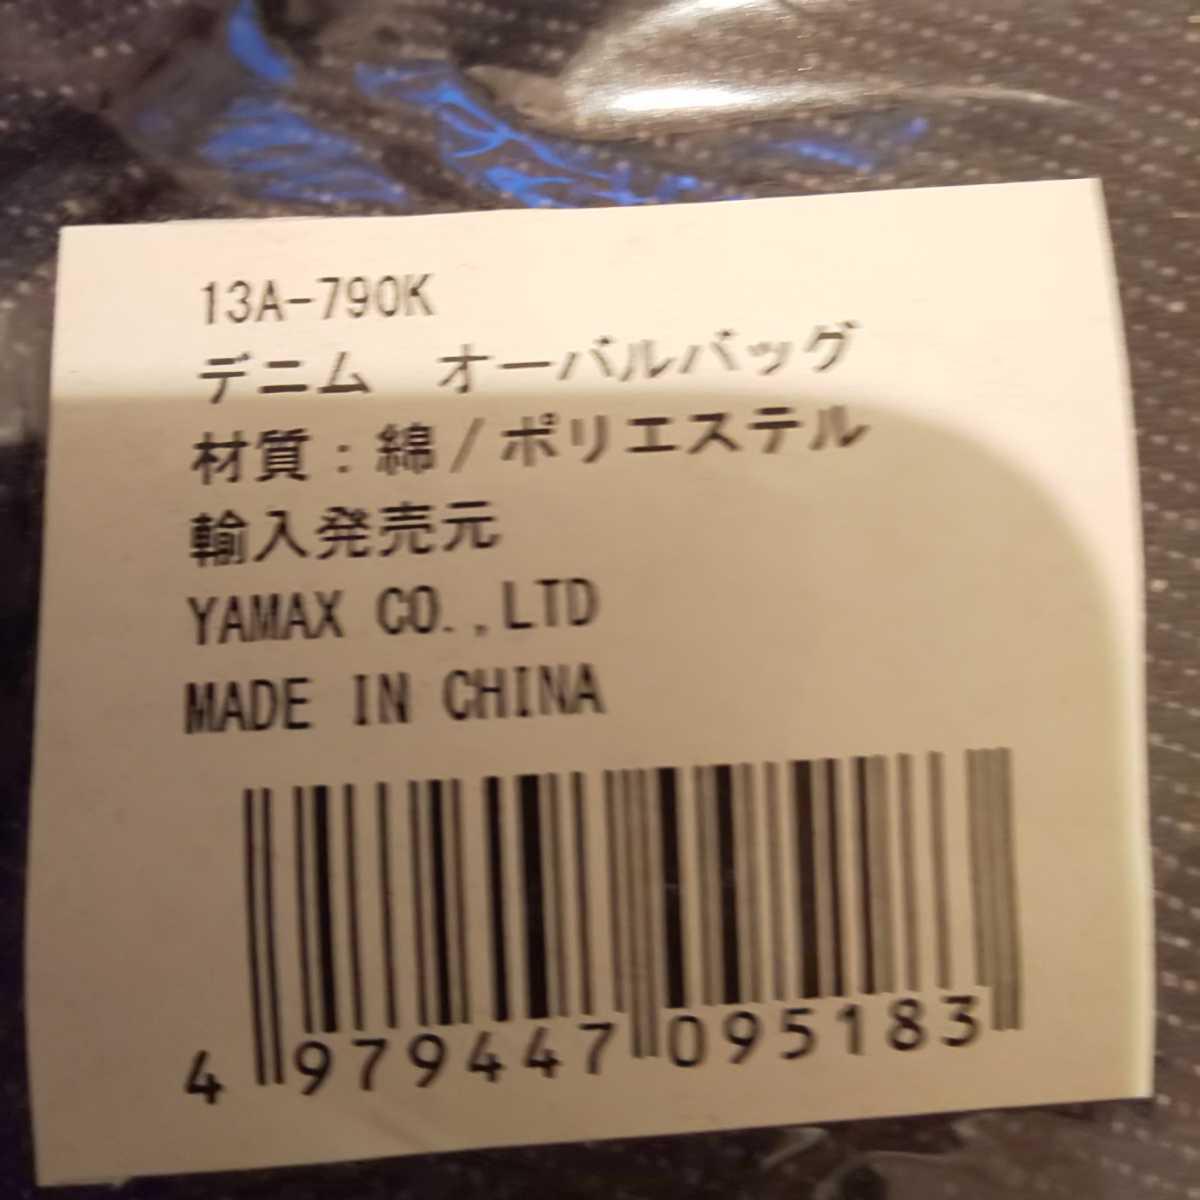 同梱可能 1円スタート! 新品未使用品 トートバッグ バックインバック セカンドバック レディース 女性用 akichan7777jp_画像4